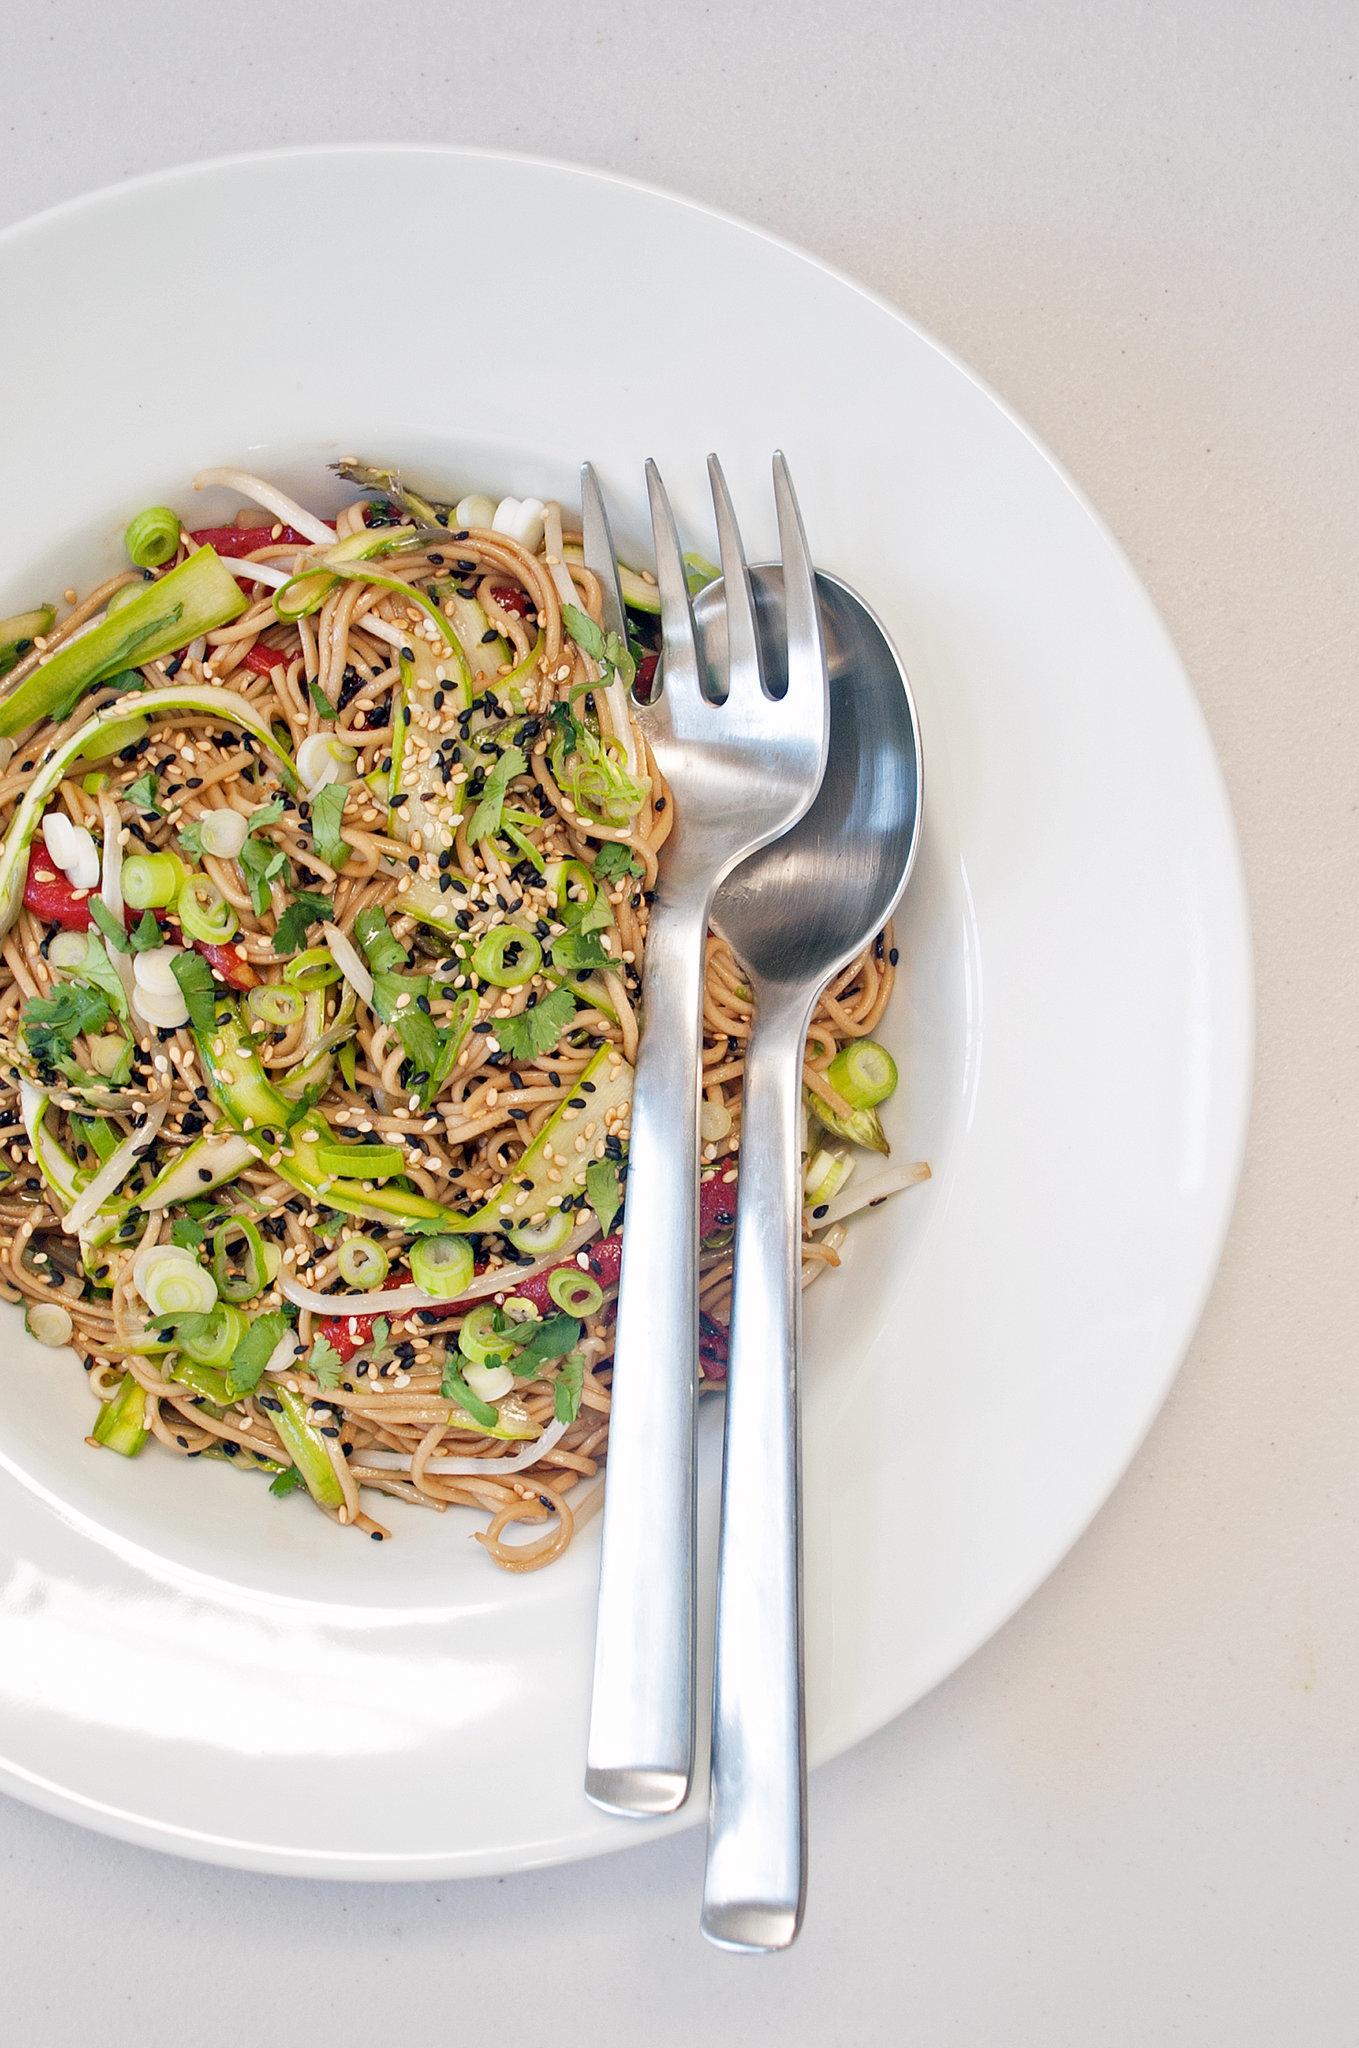 1. Sesame-Ginger Soba Noodle Salad